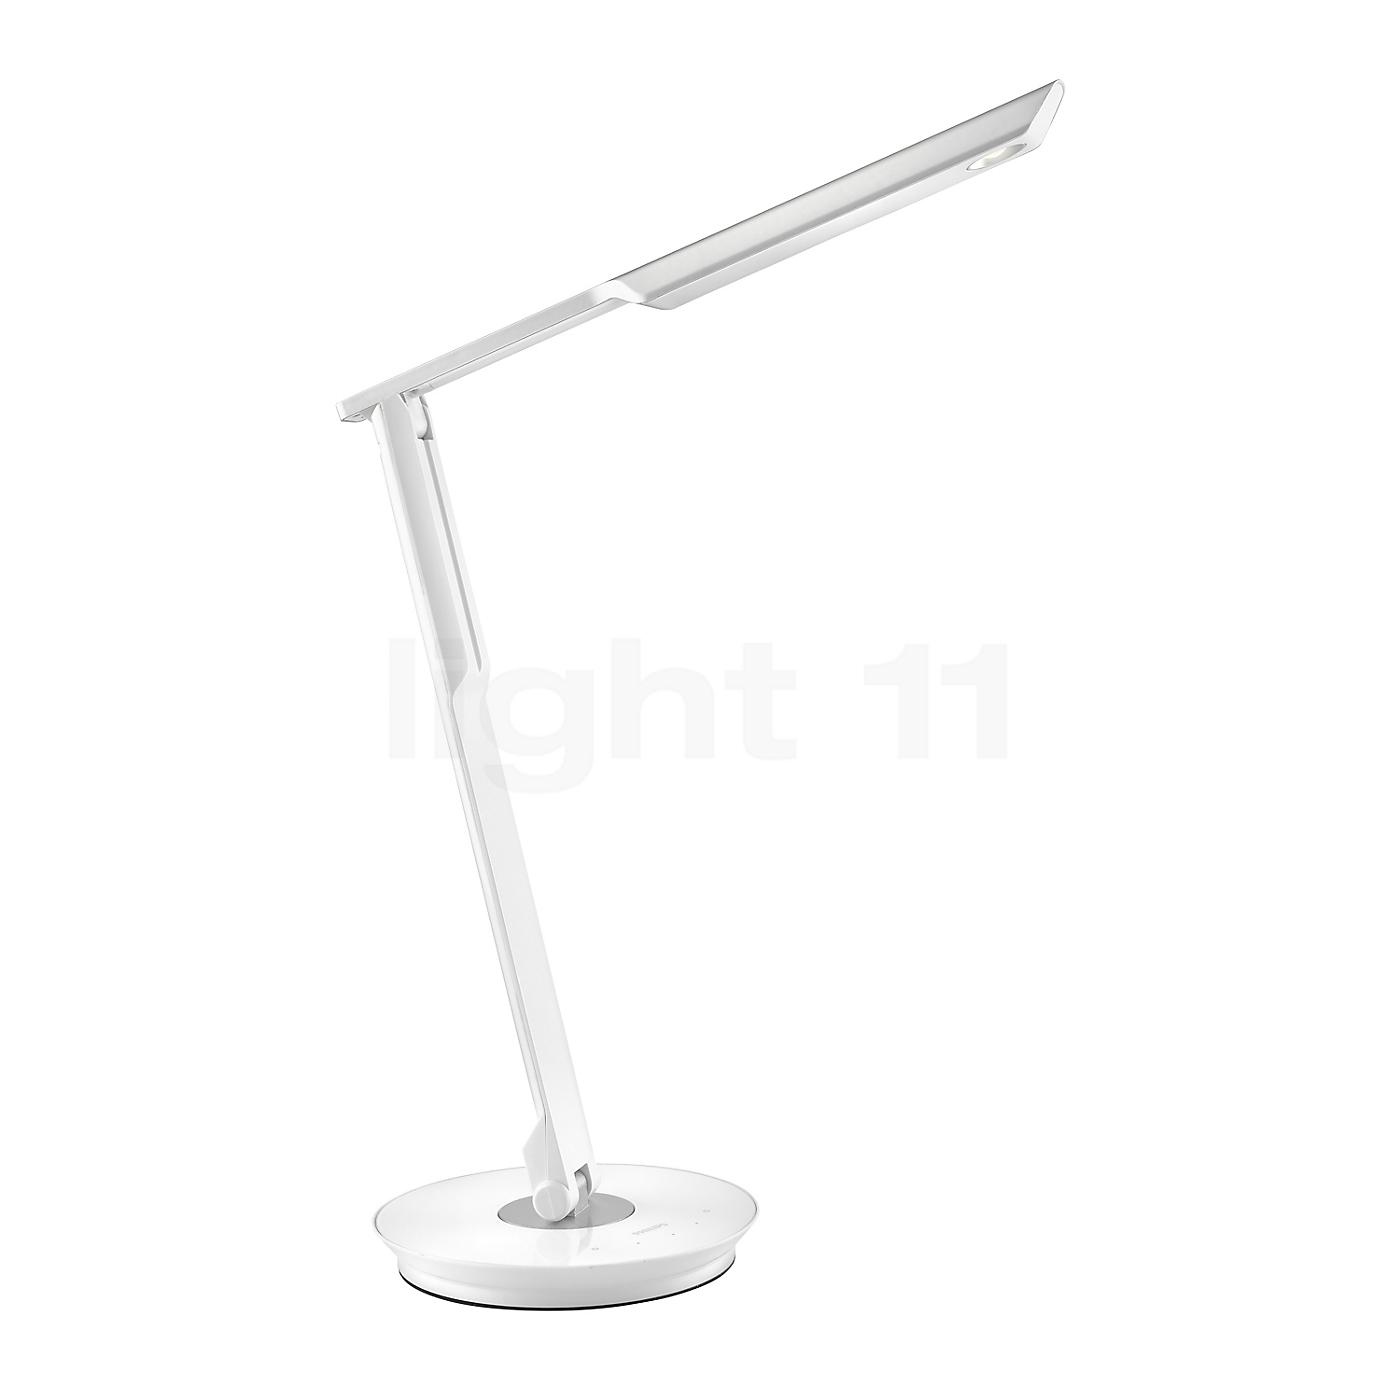 Tavolini ikea for Lampada ad arco ikea